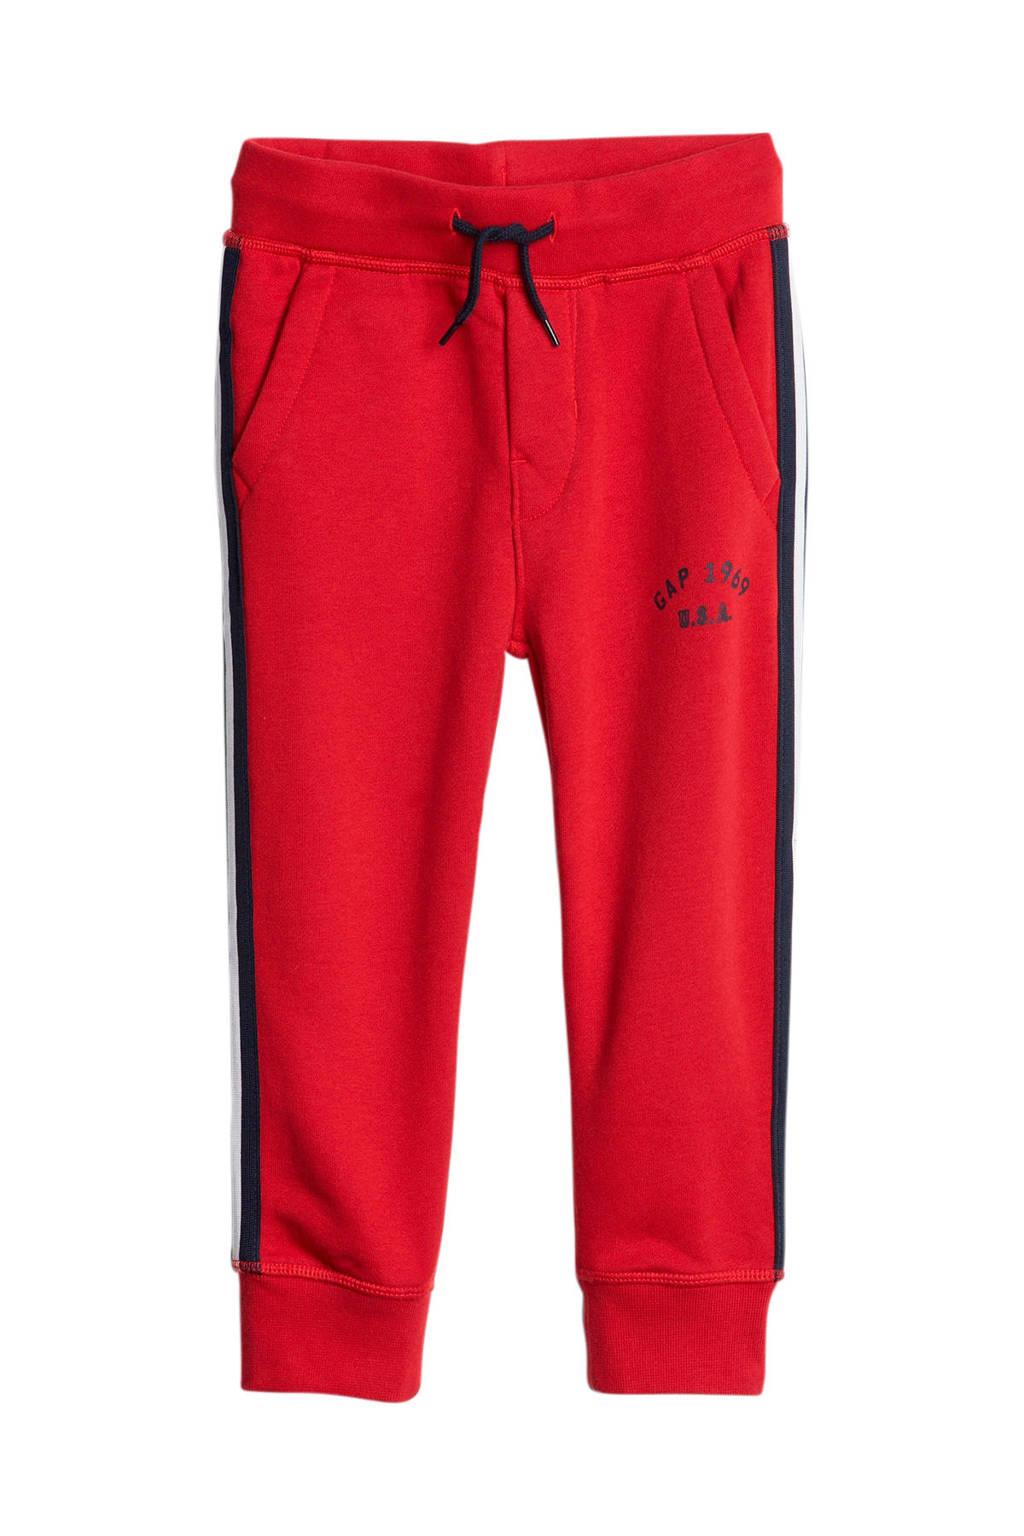 GAP   joggingbroek met zijstreep rood, Rood